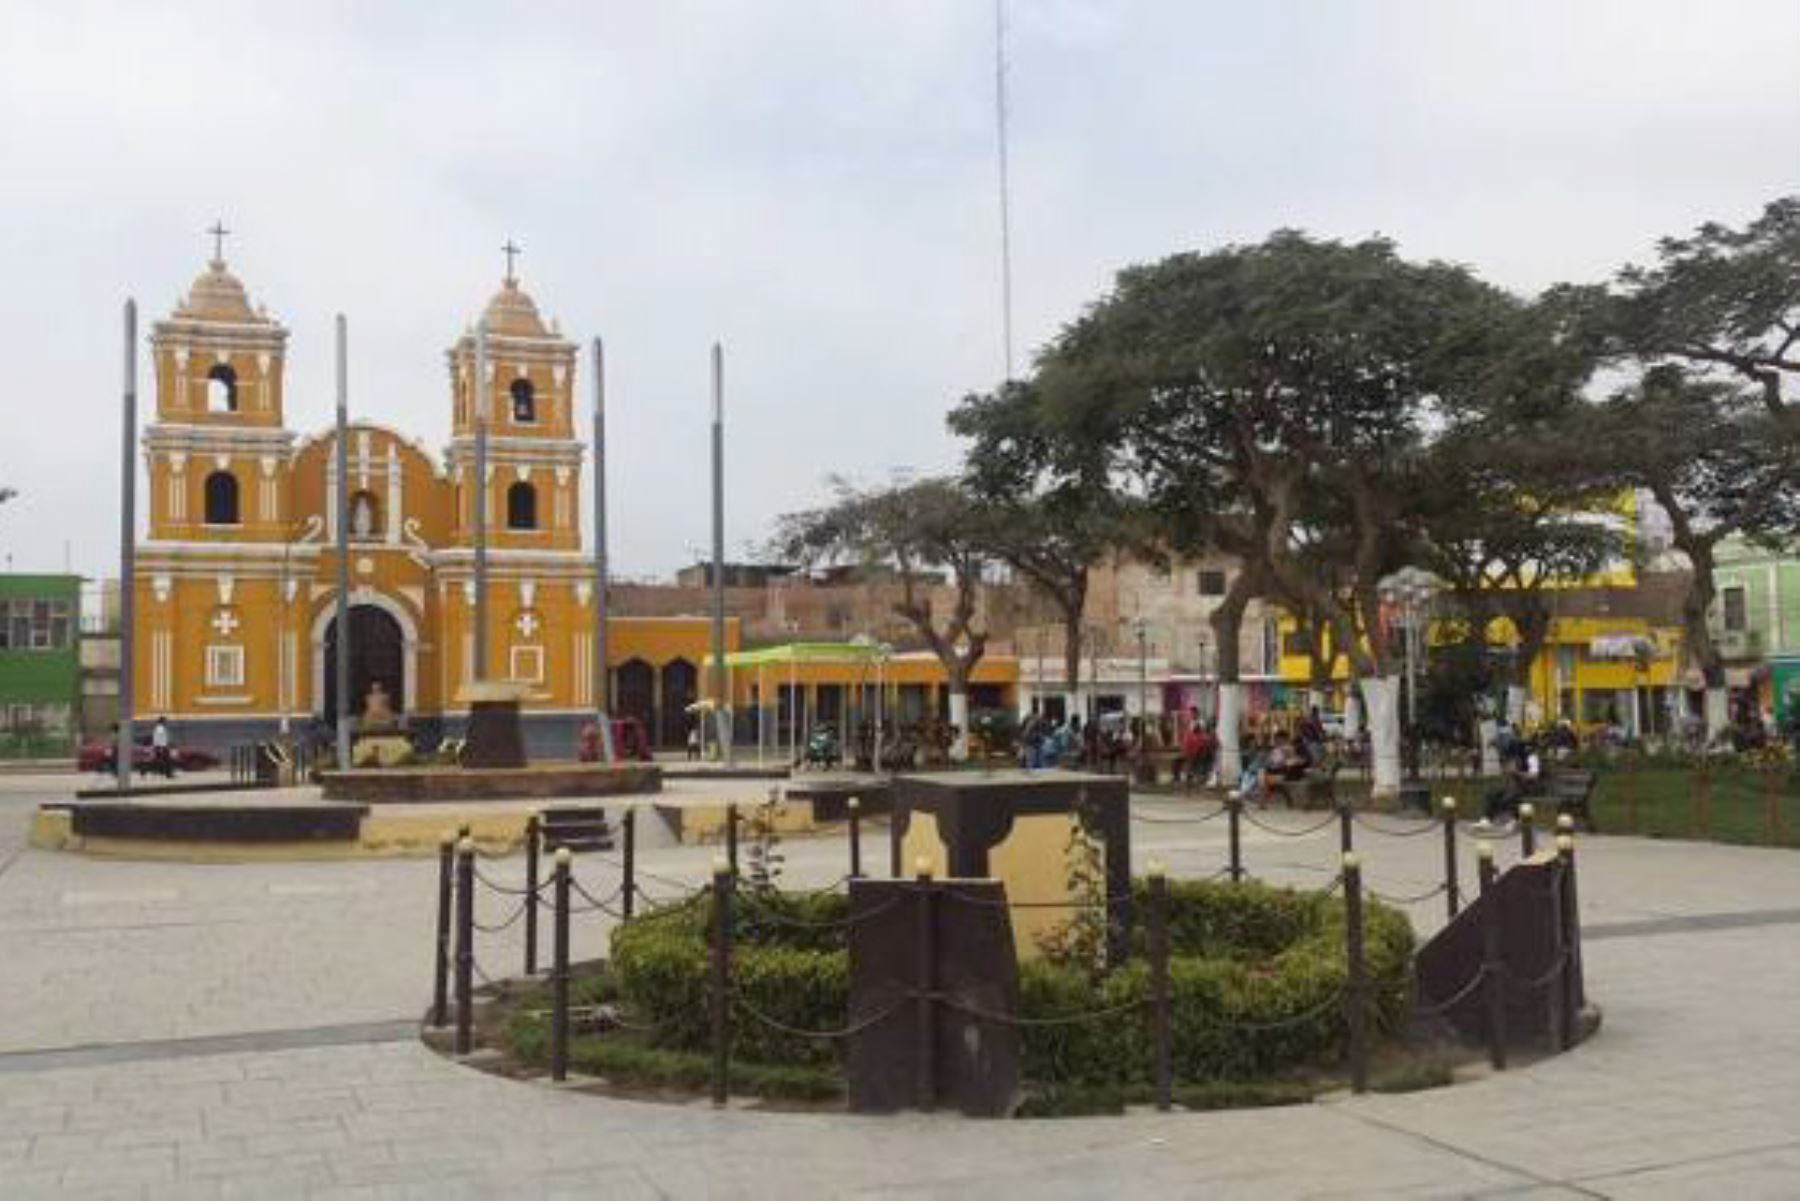 Fundada hace 463 años con el nombre de Villa de Santa María de Cañete, esta provincia limeña ubicada a 144 kilómetros al sur de la capital de la República, celebra su Semana Turística del 23 de agosto al 1 de setiembre